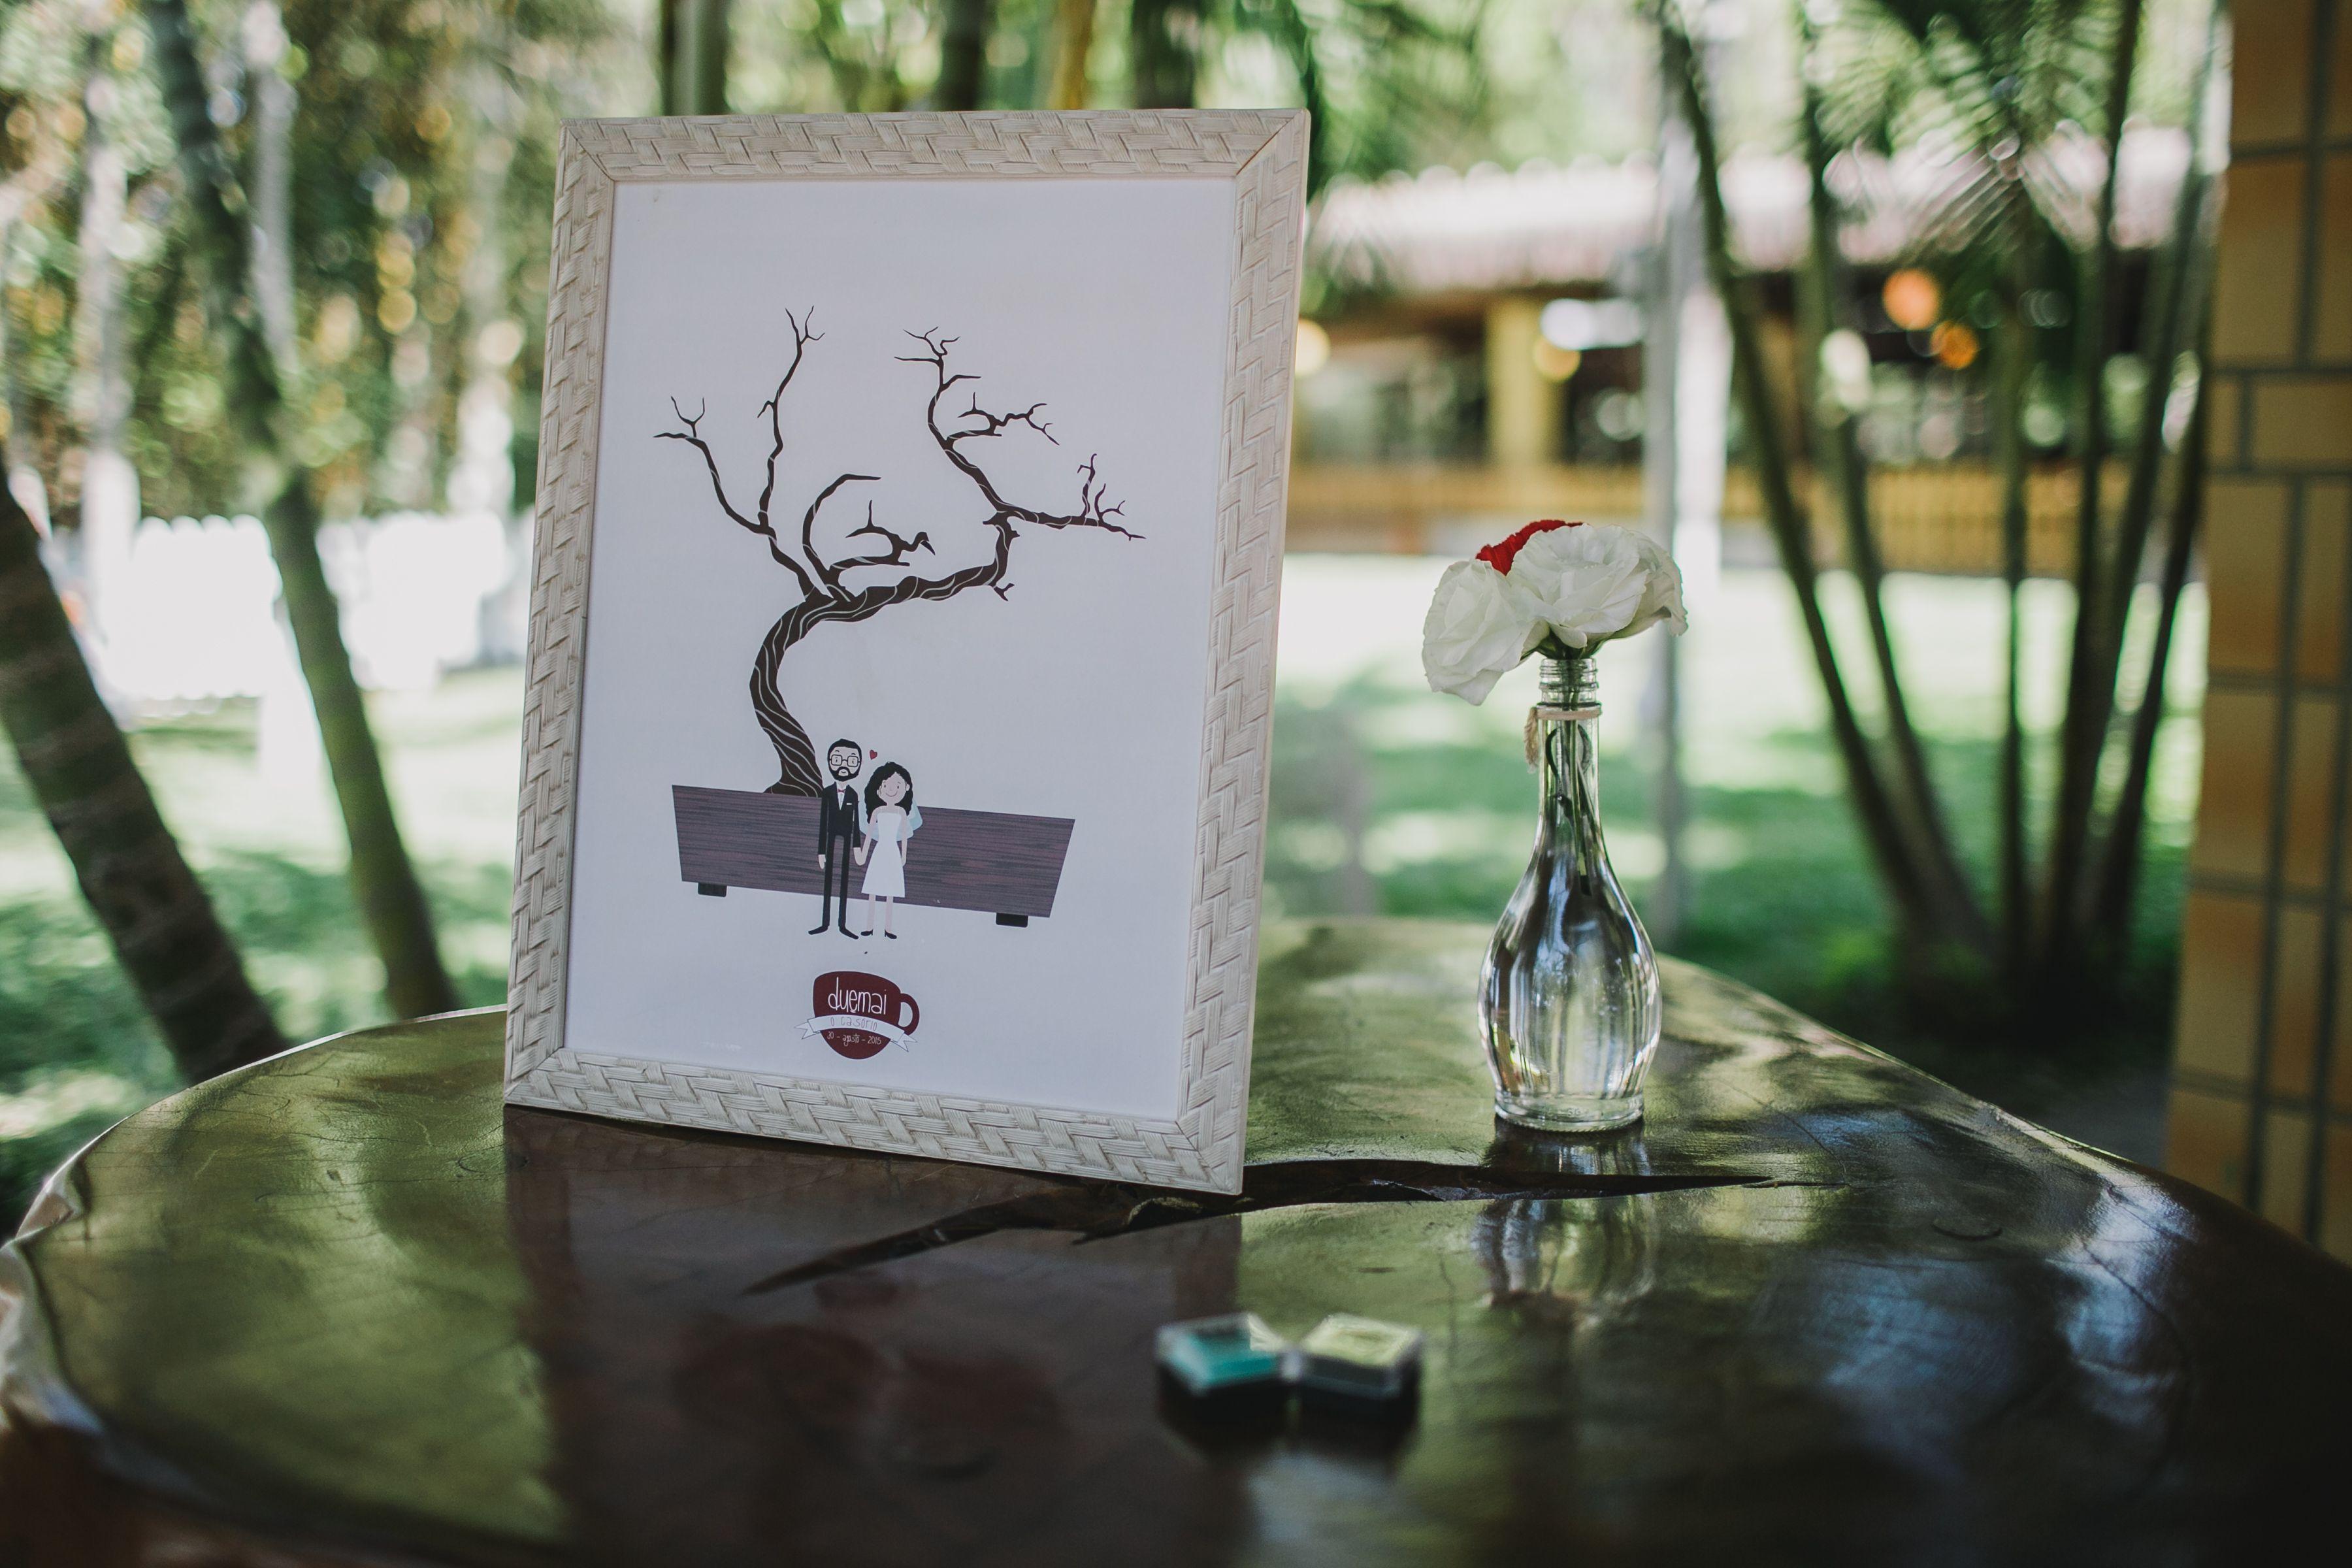 Quadro de digitais representado pelo desenho dos noivos e seu bonsai.   #creativewedding #quadrodedigitais #bonsai #fingerprint  #fingerprinttree #wedding #guestbook  Papelaria: O Papeleiro Fotografia: Diogo Perez Decoração: Casório DF